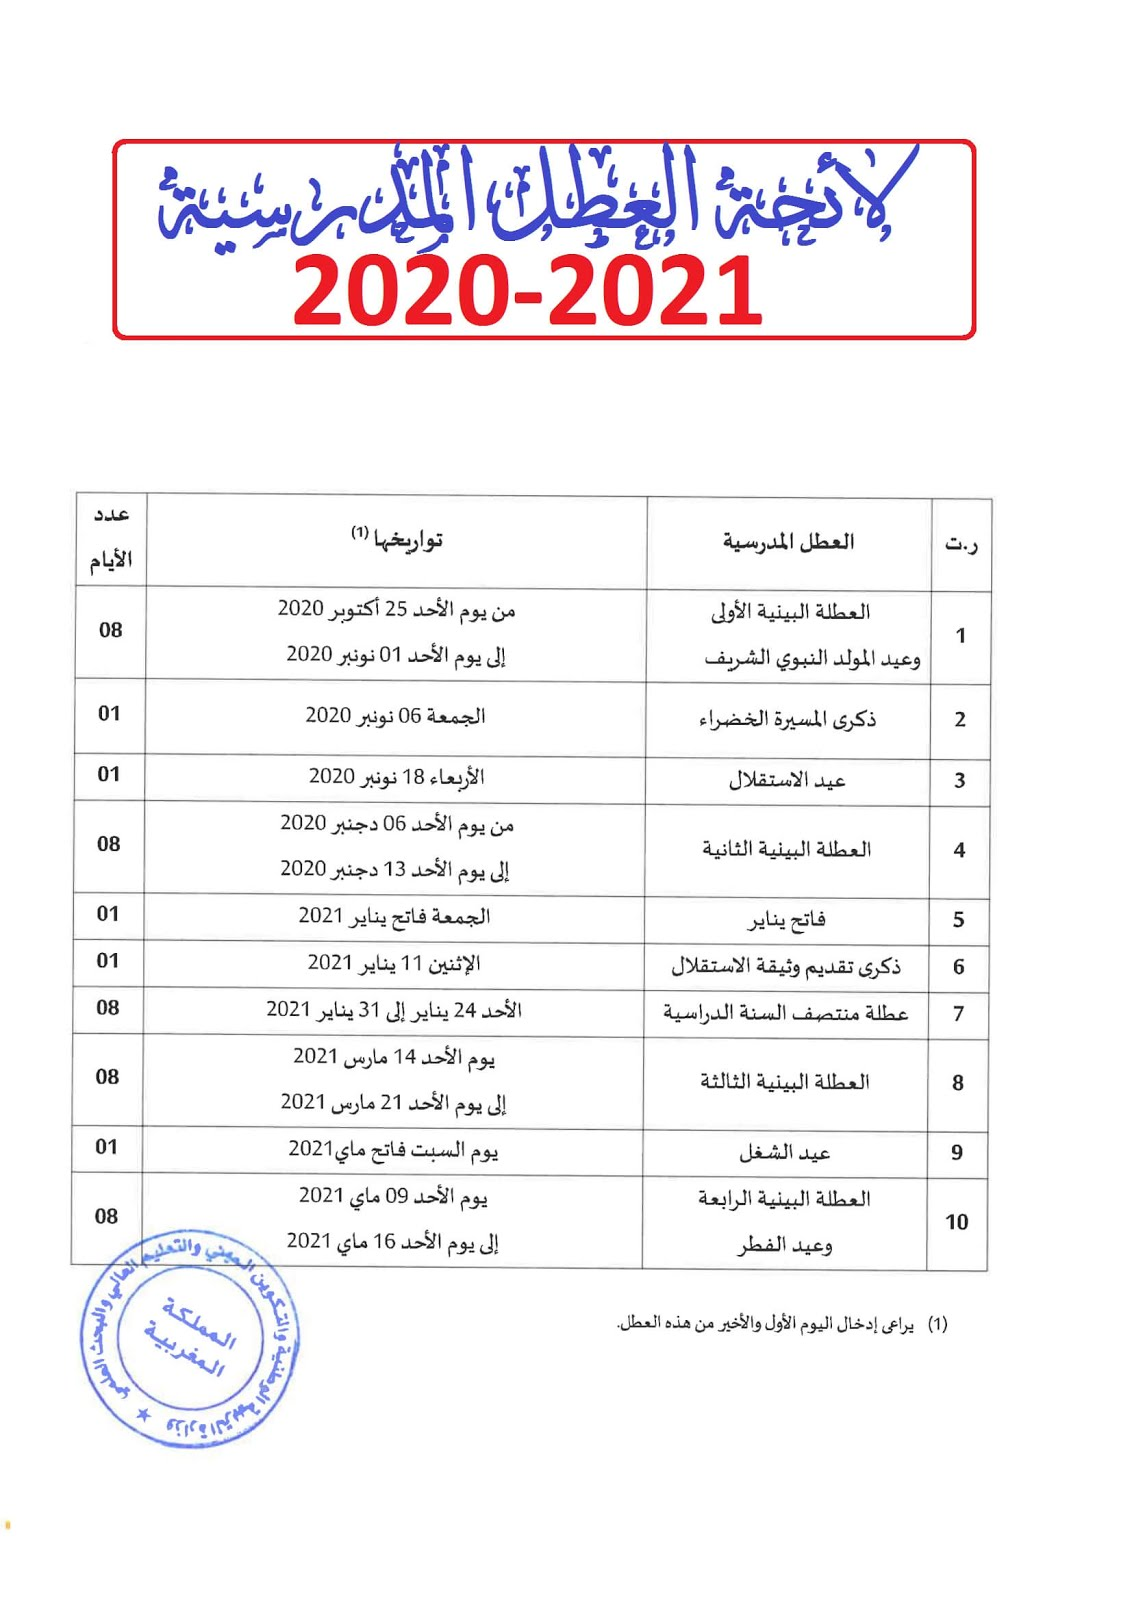 la2ihat 3otal madrassi 2020 2021